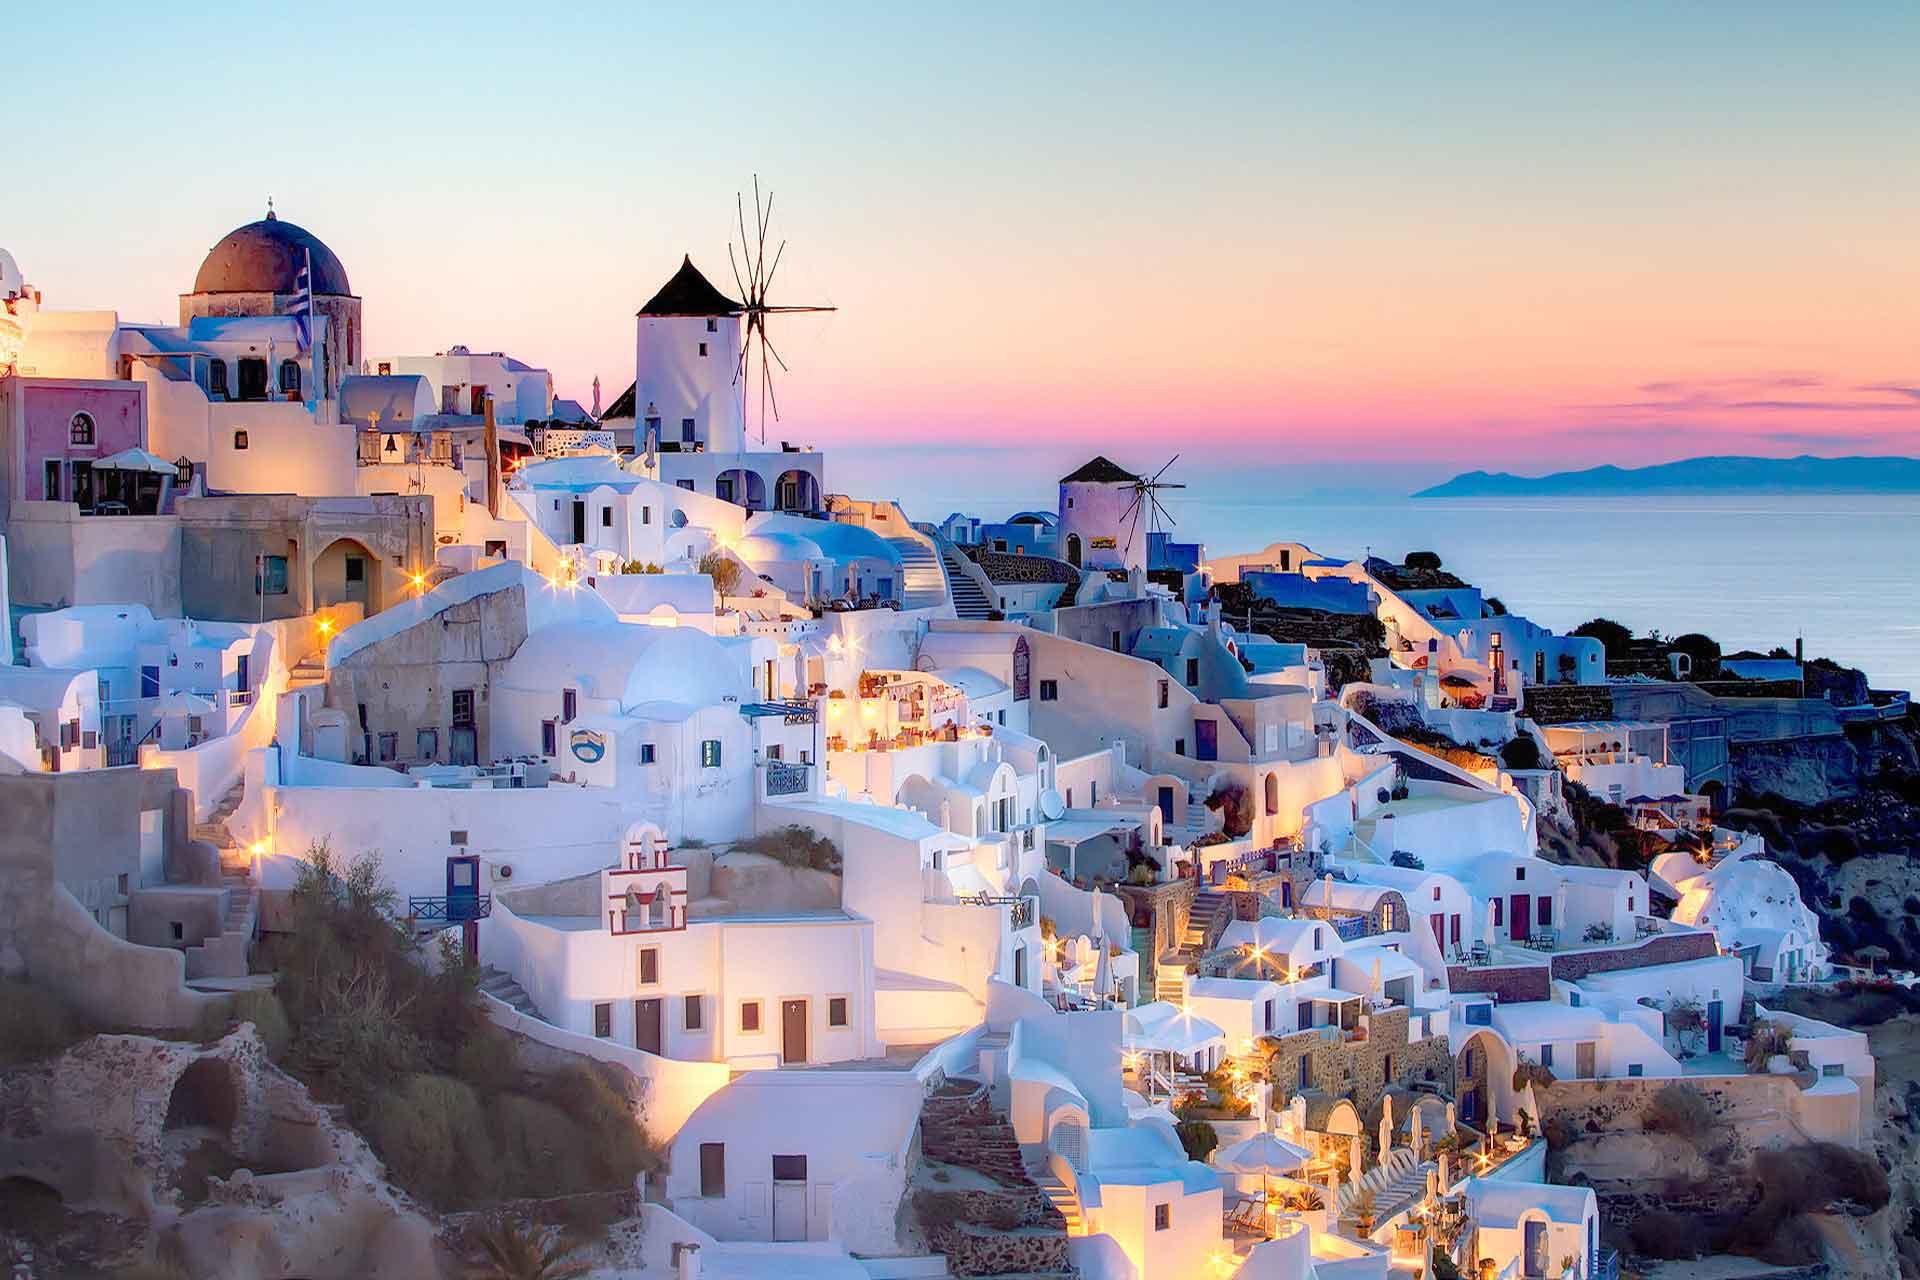 boot huren santorini, mooiste eilanden Griekenland,  zeilboot huren, mooiste stranden, perfecte zeilvakantie Griekenland, catamaran huren, motorboot huren, bootverhuur Griekenland